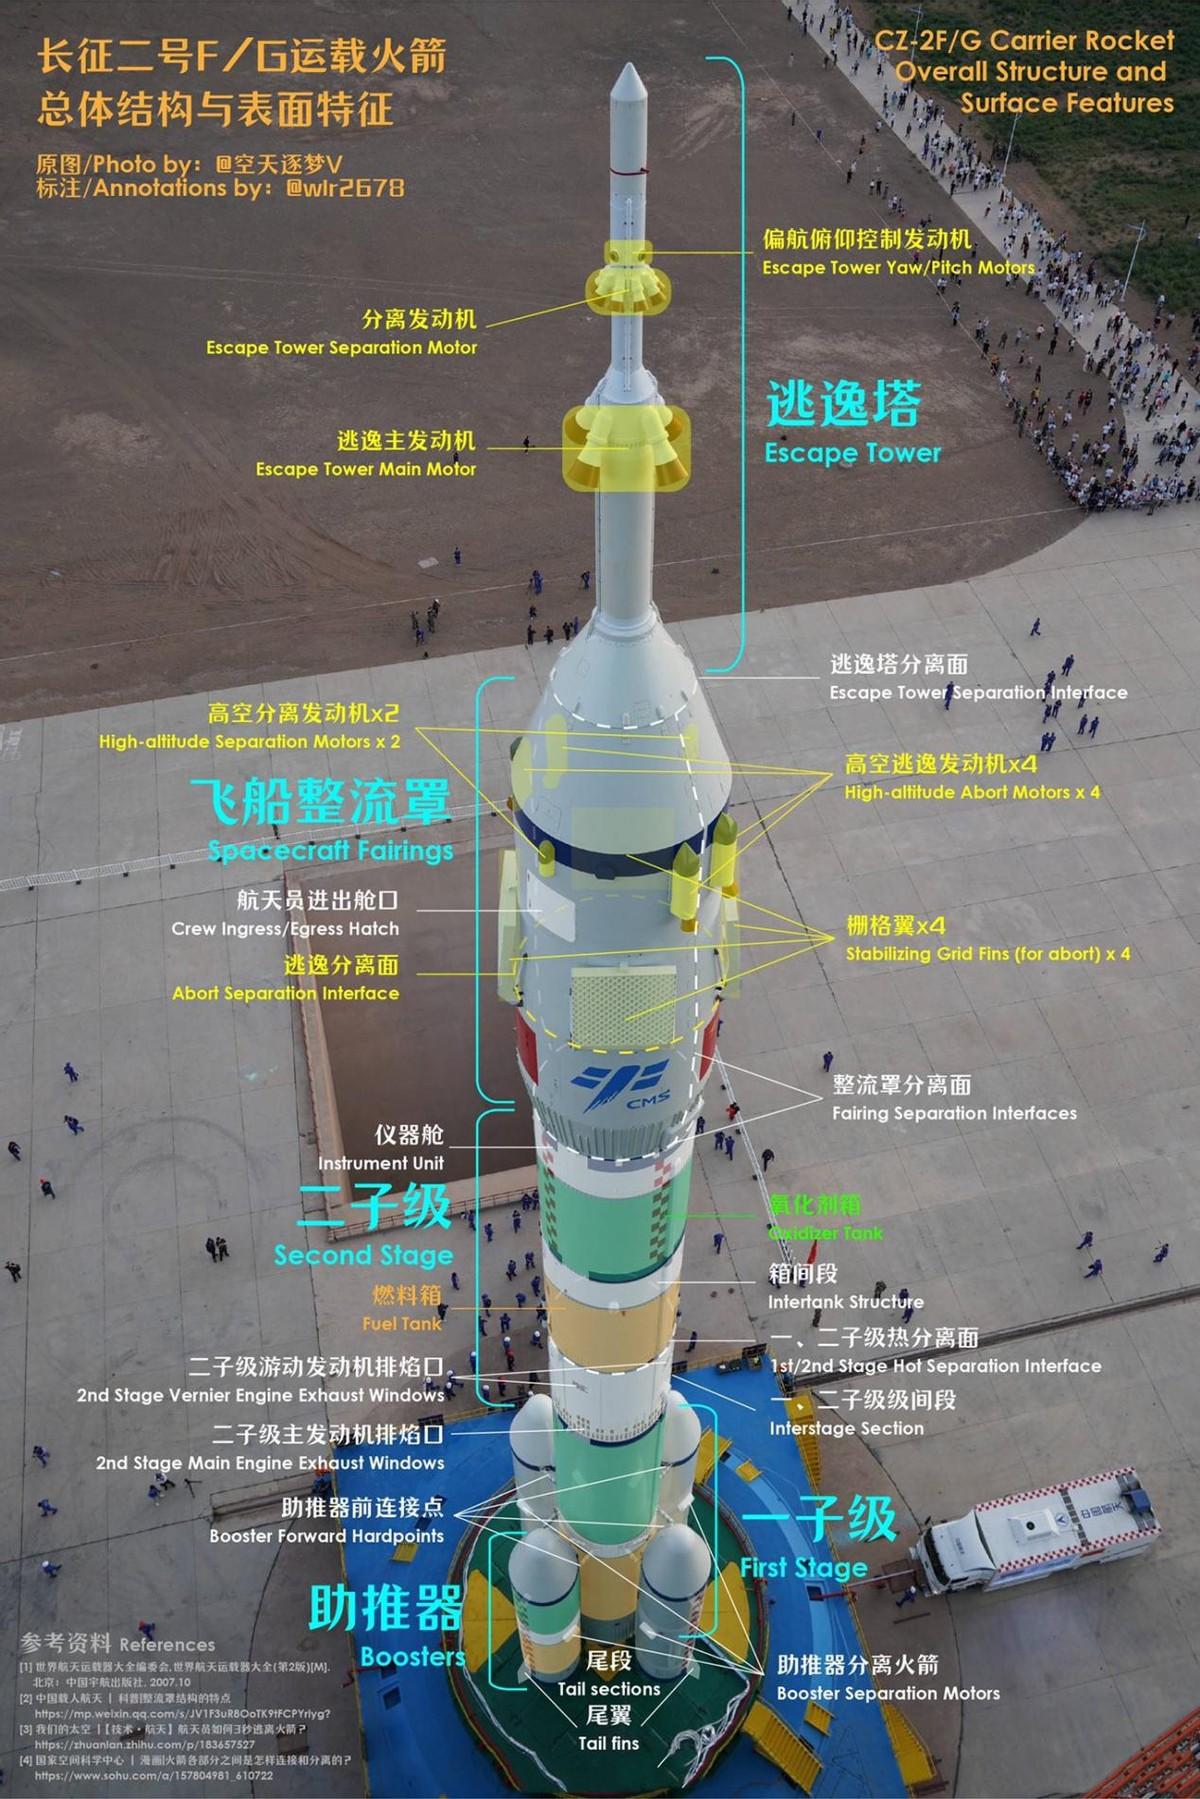 中国也没有办法?神13女航天员6个月生理期:NASA建议吃药